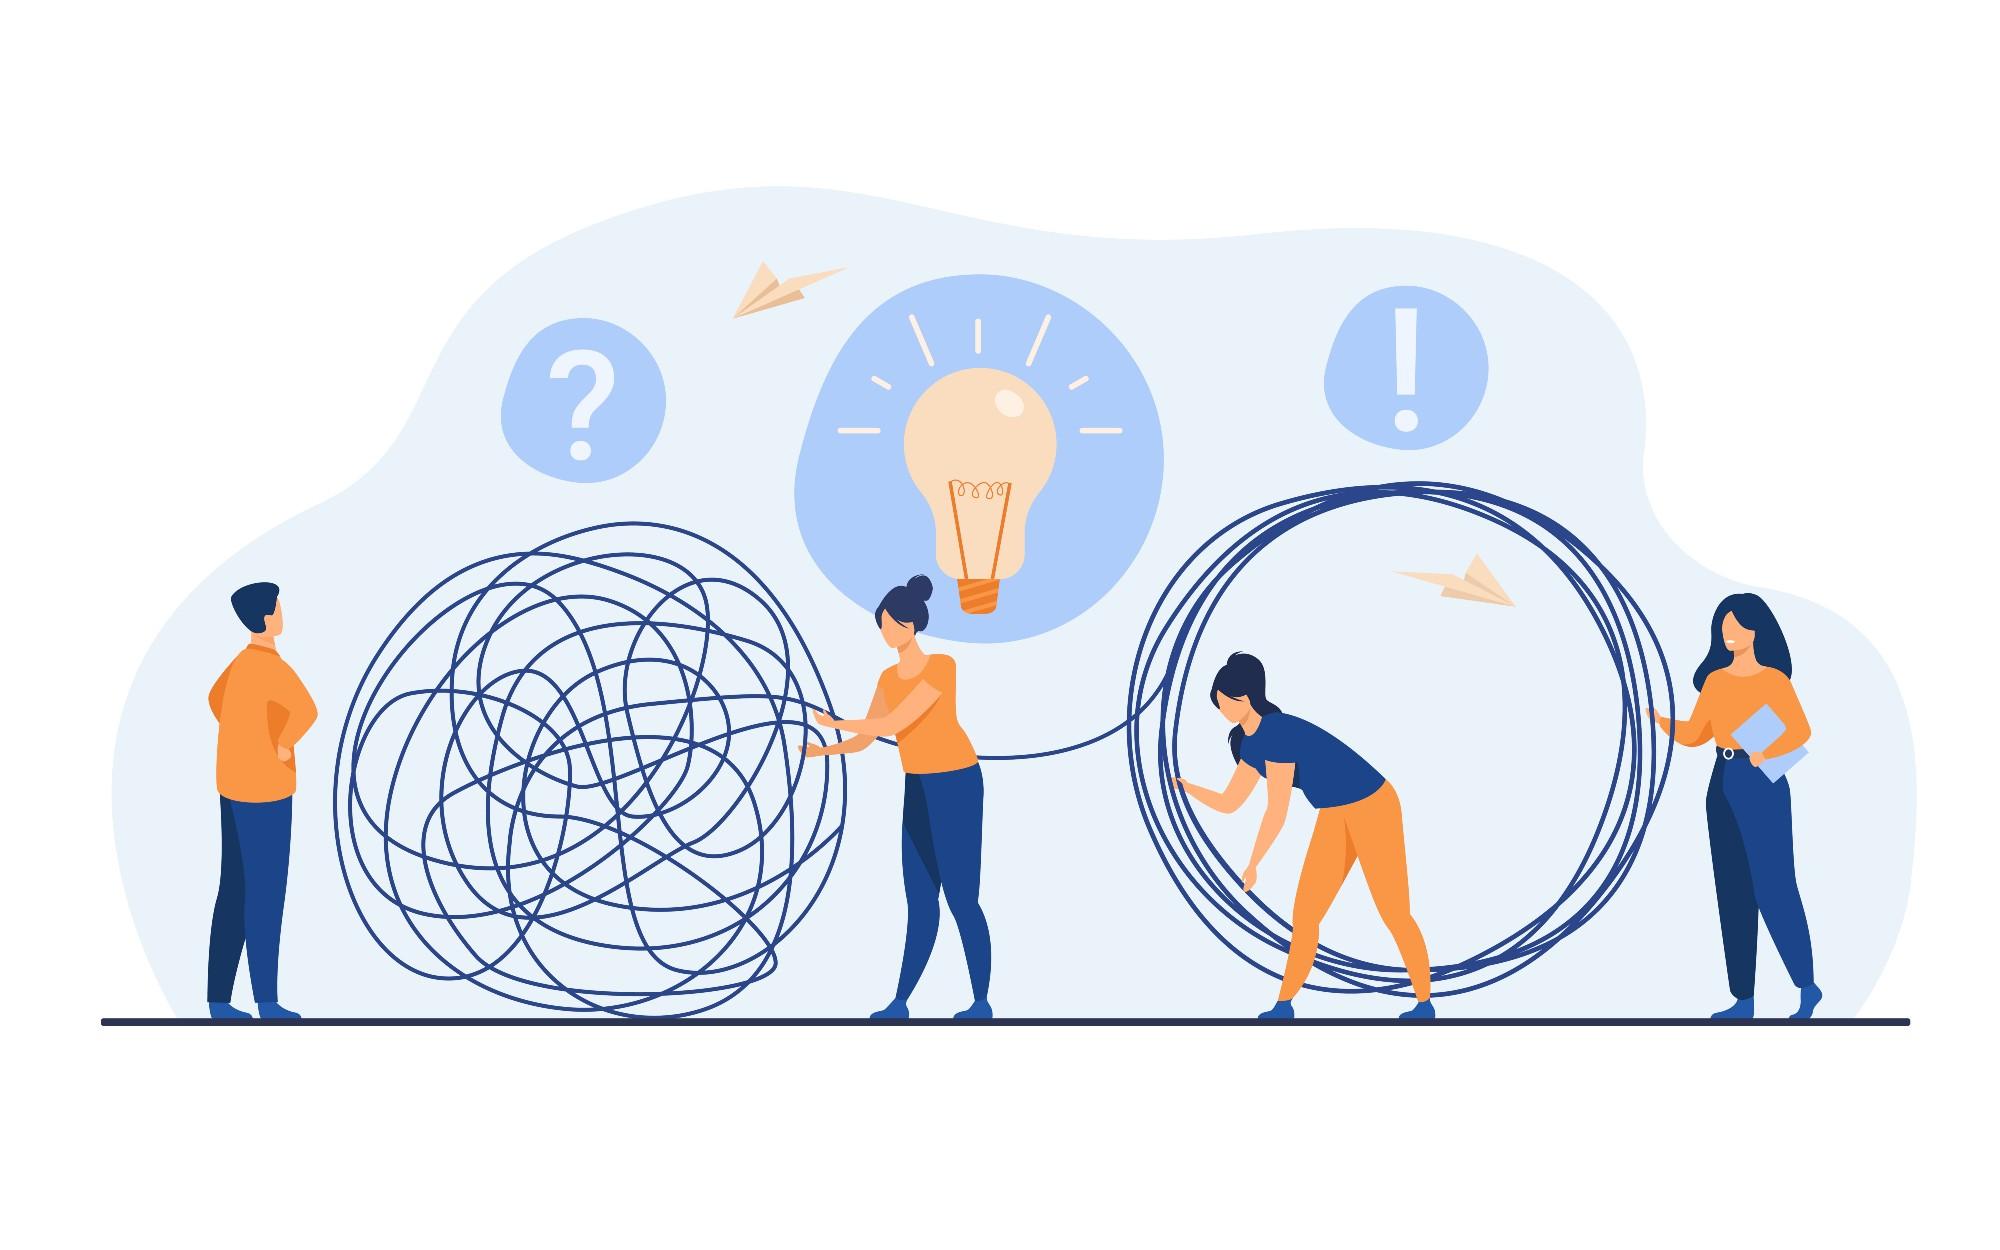 En un mundo complejo, el éxito de las organizaciones depende del aprendizaje para entrelazarse en red. (Imagen: Freepik)